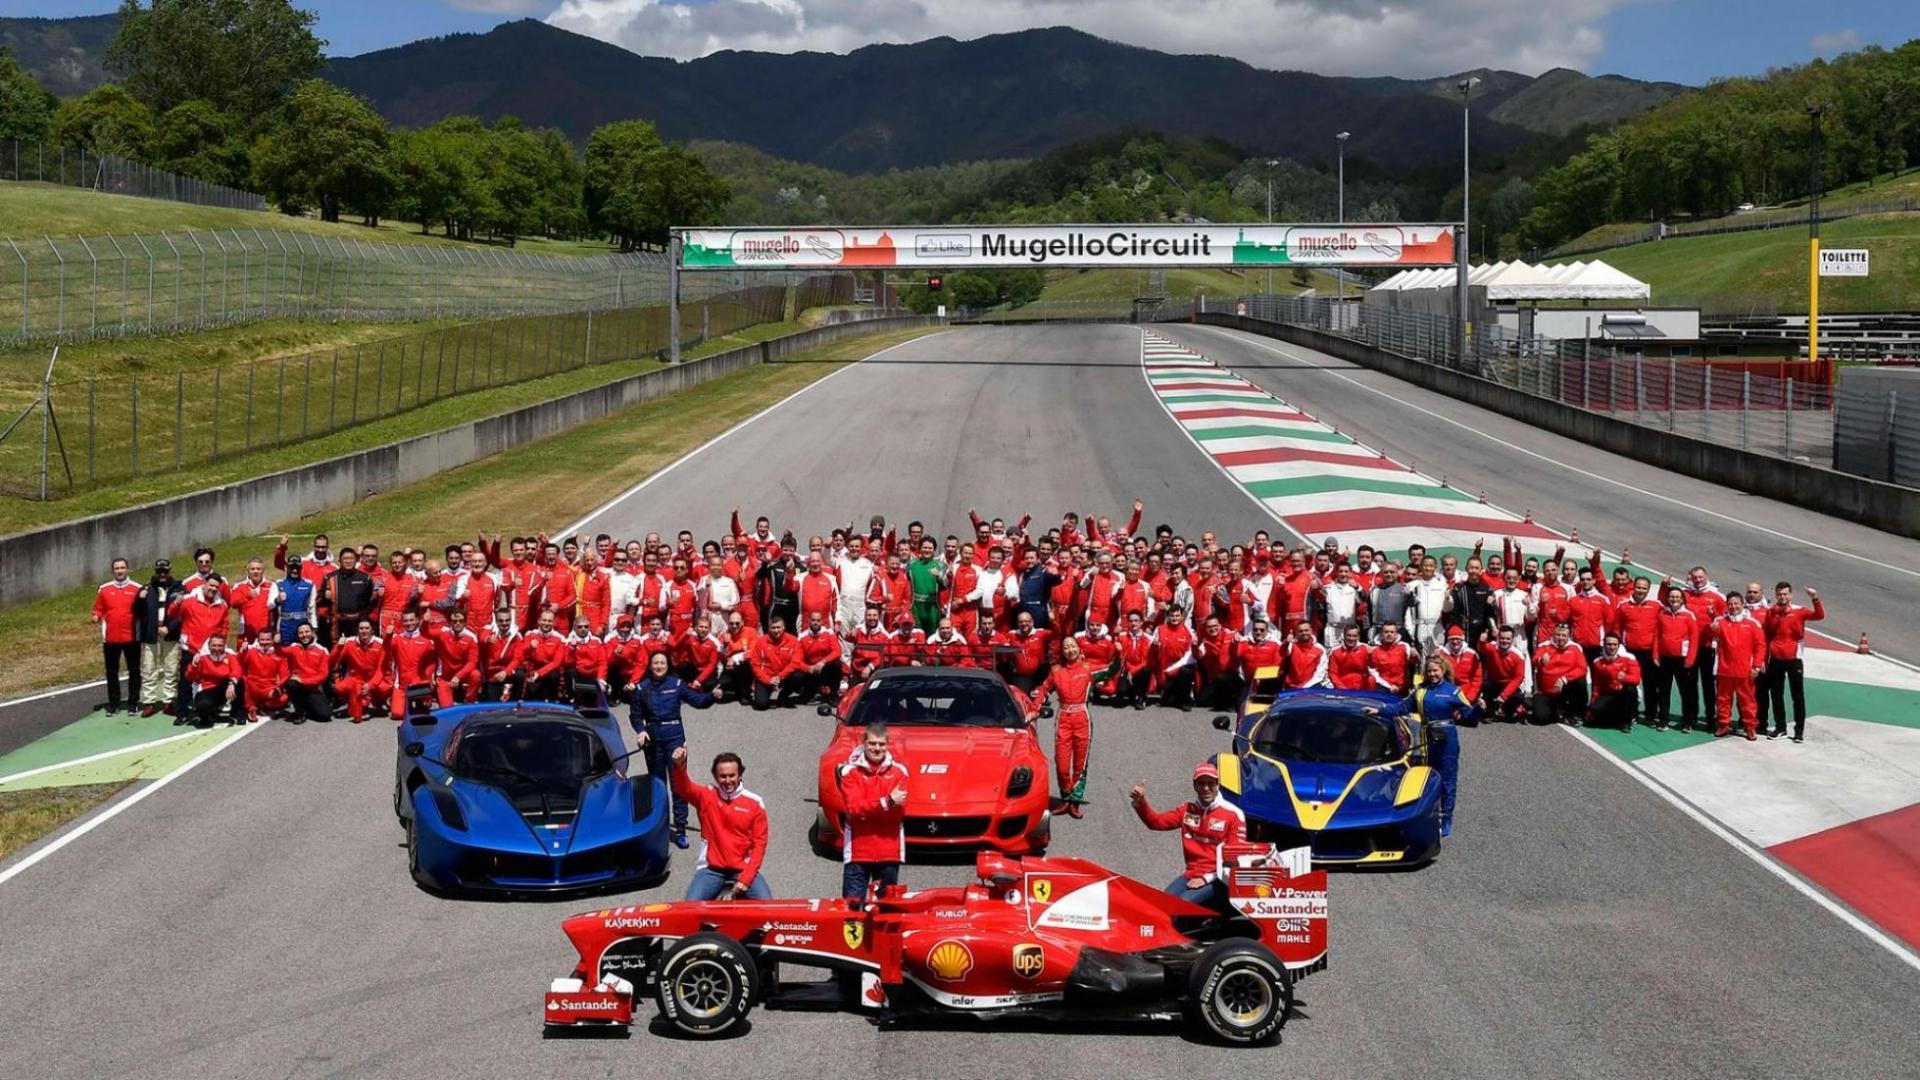 Snellere Ferrari Fxxk Een Evoluzione Versie Is Niet